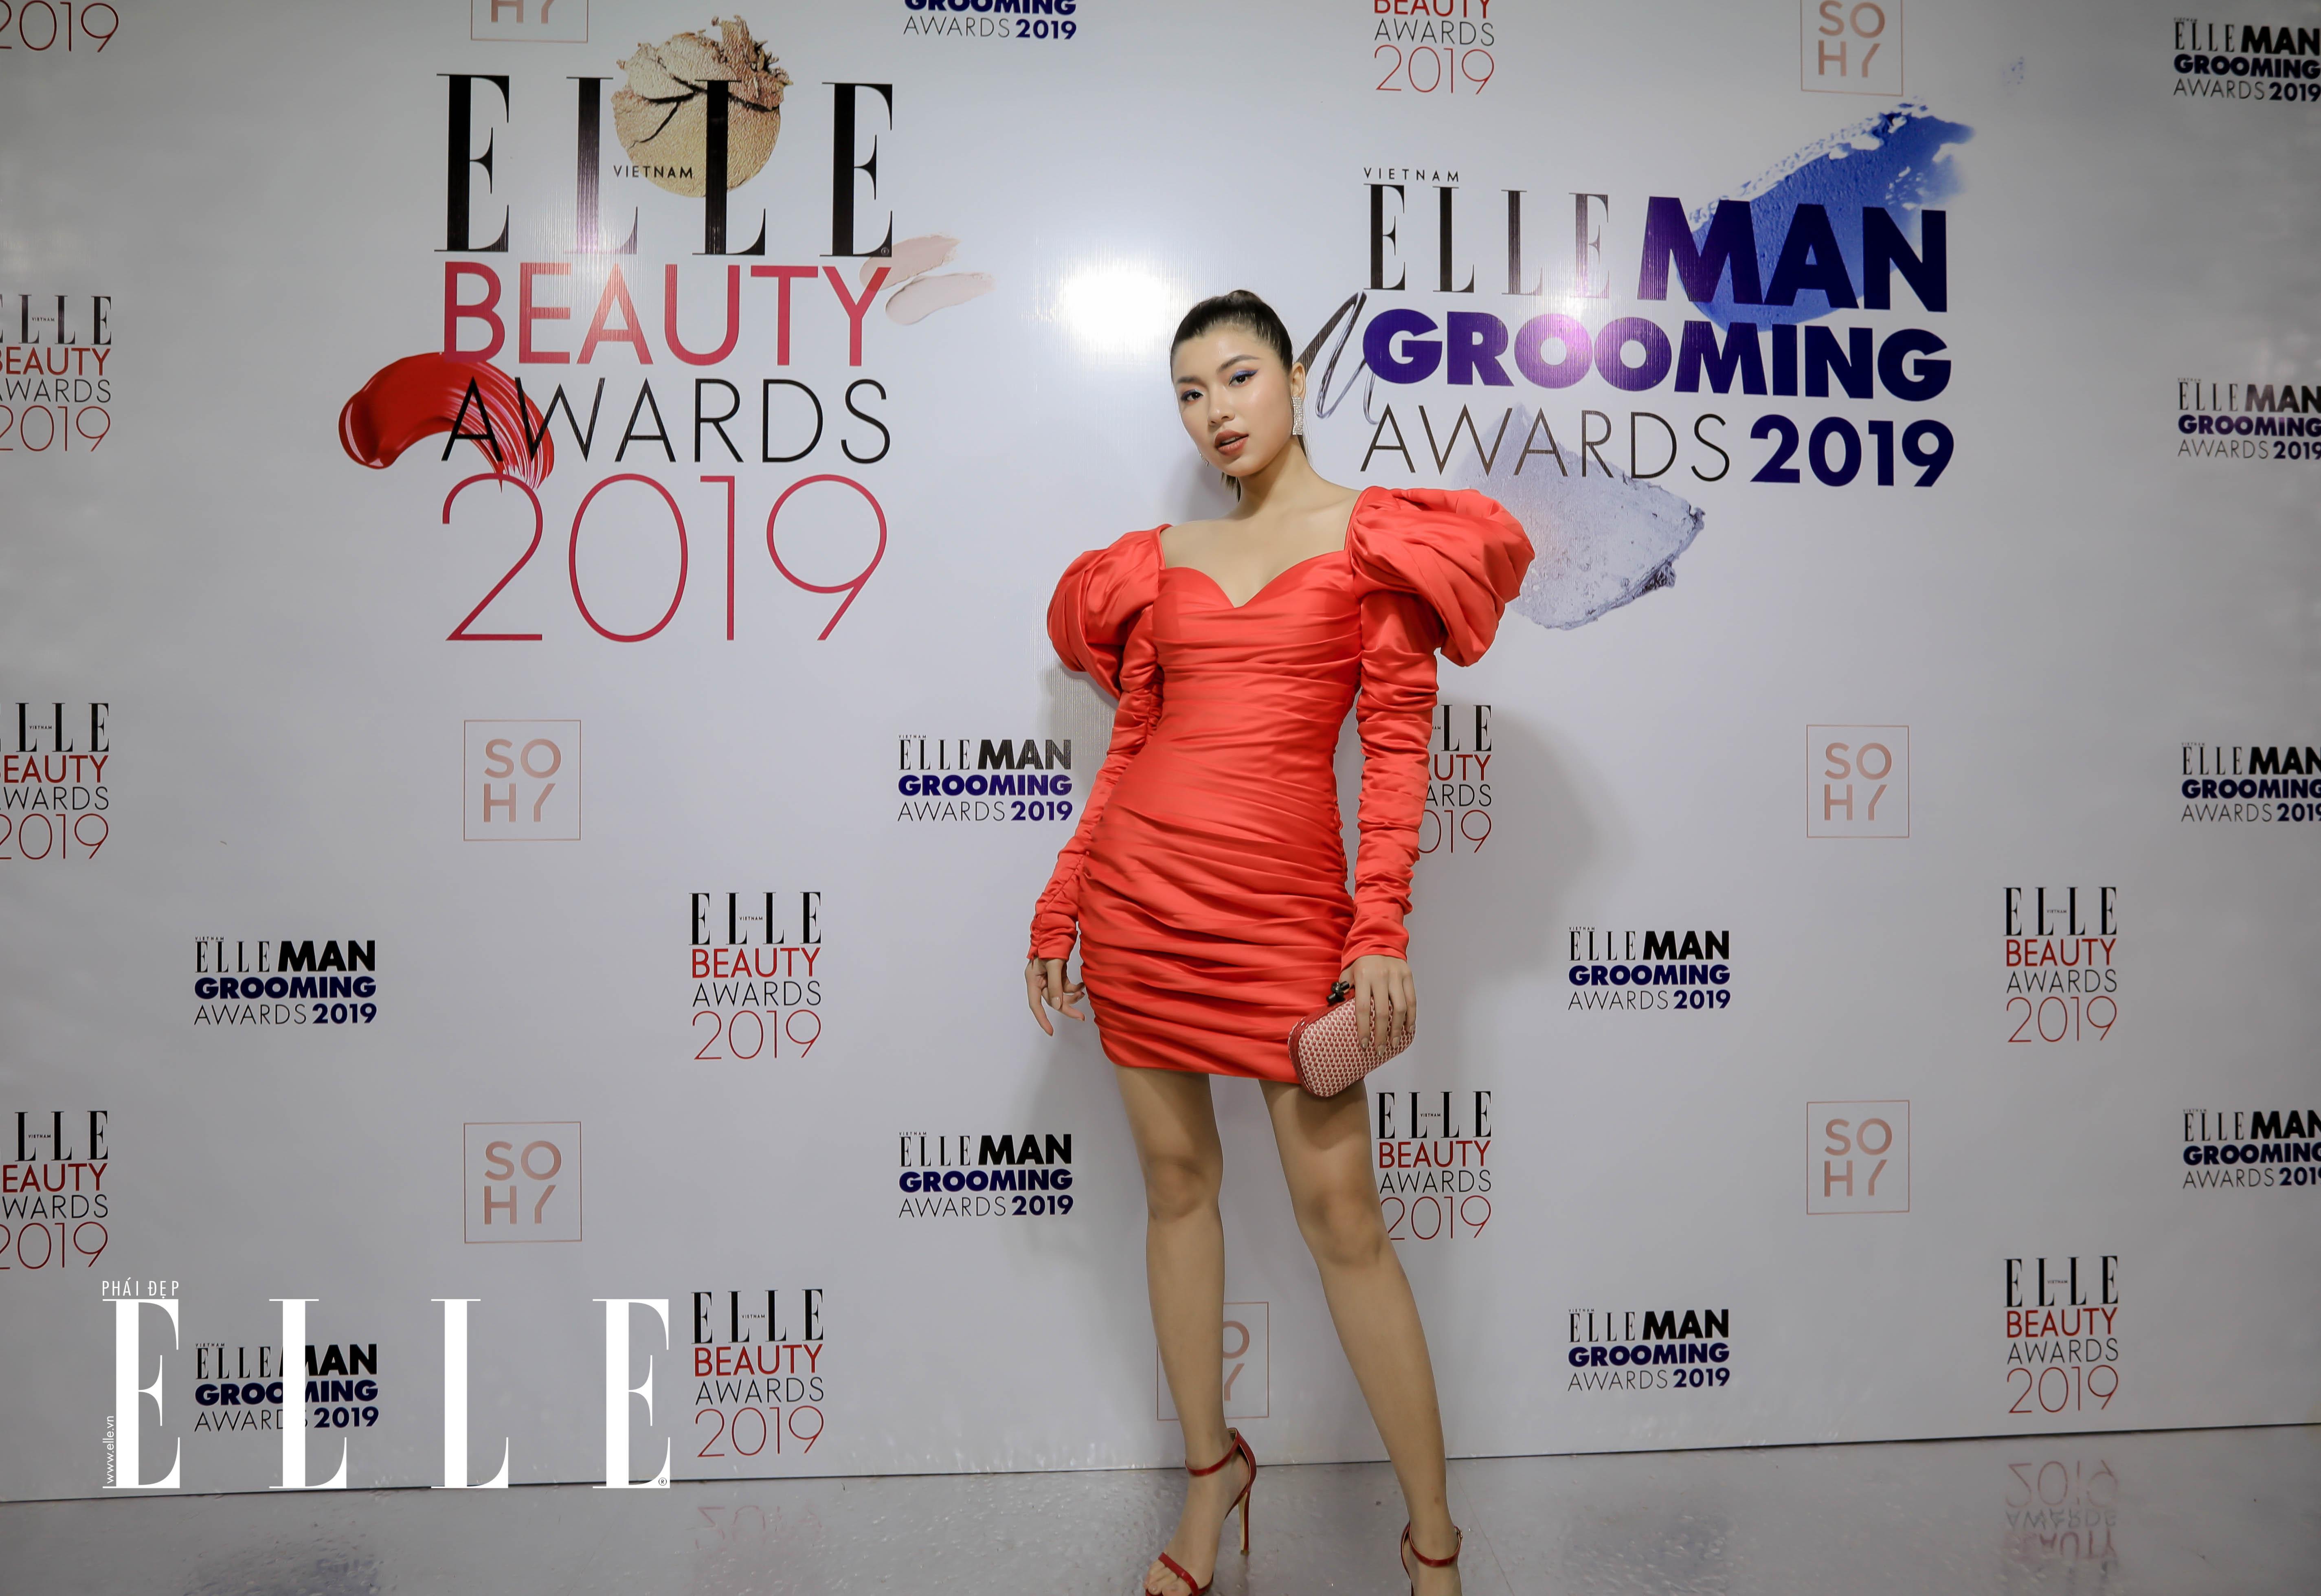 ELLE beauty awards 2019 5